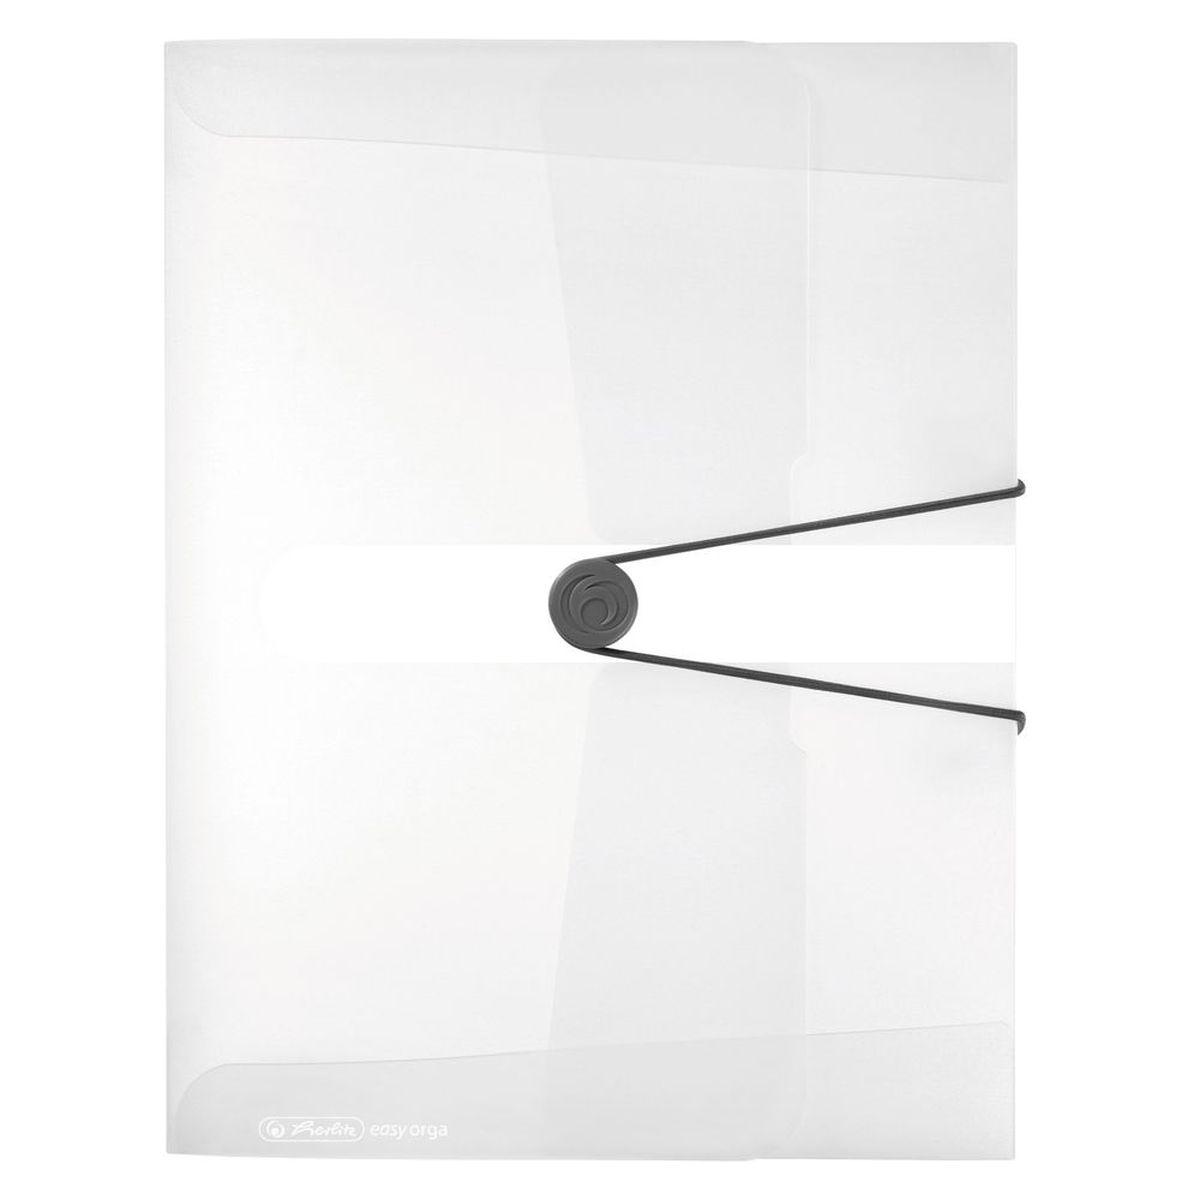 Herlitz Папка-конверт Easy orga to go цвет прозрачный11206174Папка-конверт Herlitz Easy orga to go станет вашим верным помощником дома и в офисе. Это удобный и функциональный инструмент, предназначенный для хранения и транспортировки больших объемов рабочих бумаг и документов формата А4. Папка изготовлена из износостойкого пластика и качественного полипропилена. Состоит из одного вместительного отделения. Закрывается папка при помощи резинки, а на корешке папки есть ярлычок. Папка - это незаменимый атрибут для любого студента, школьника или офисного работника. Такая папка надежно сохранит ваши бумаги и сбережет их от повреждений, пыли и влаги.